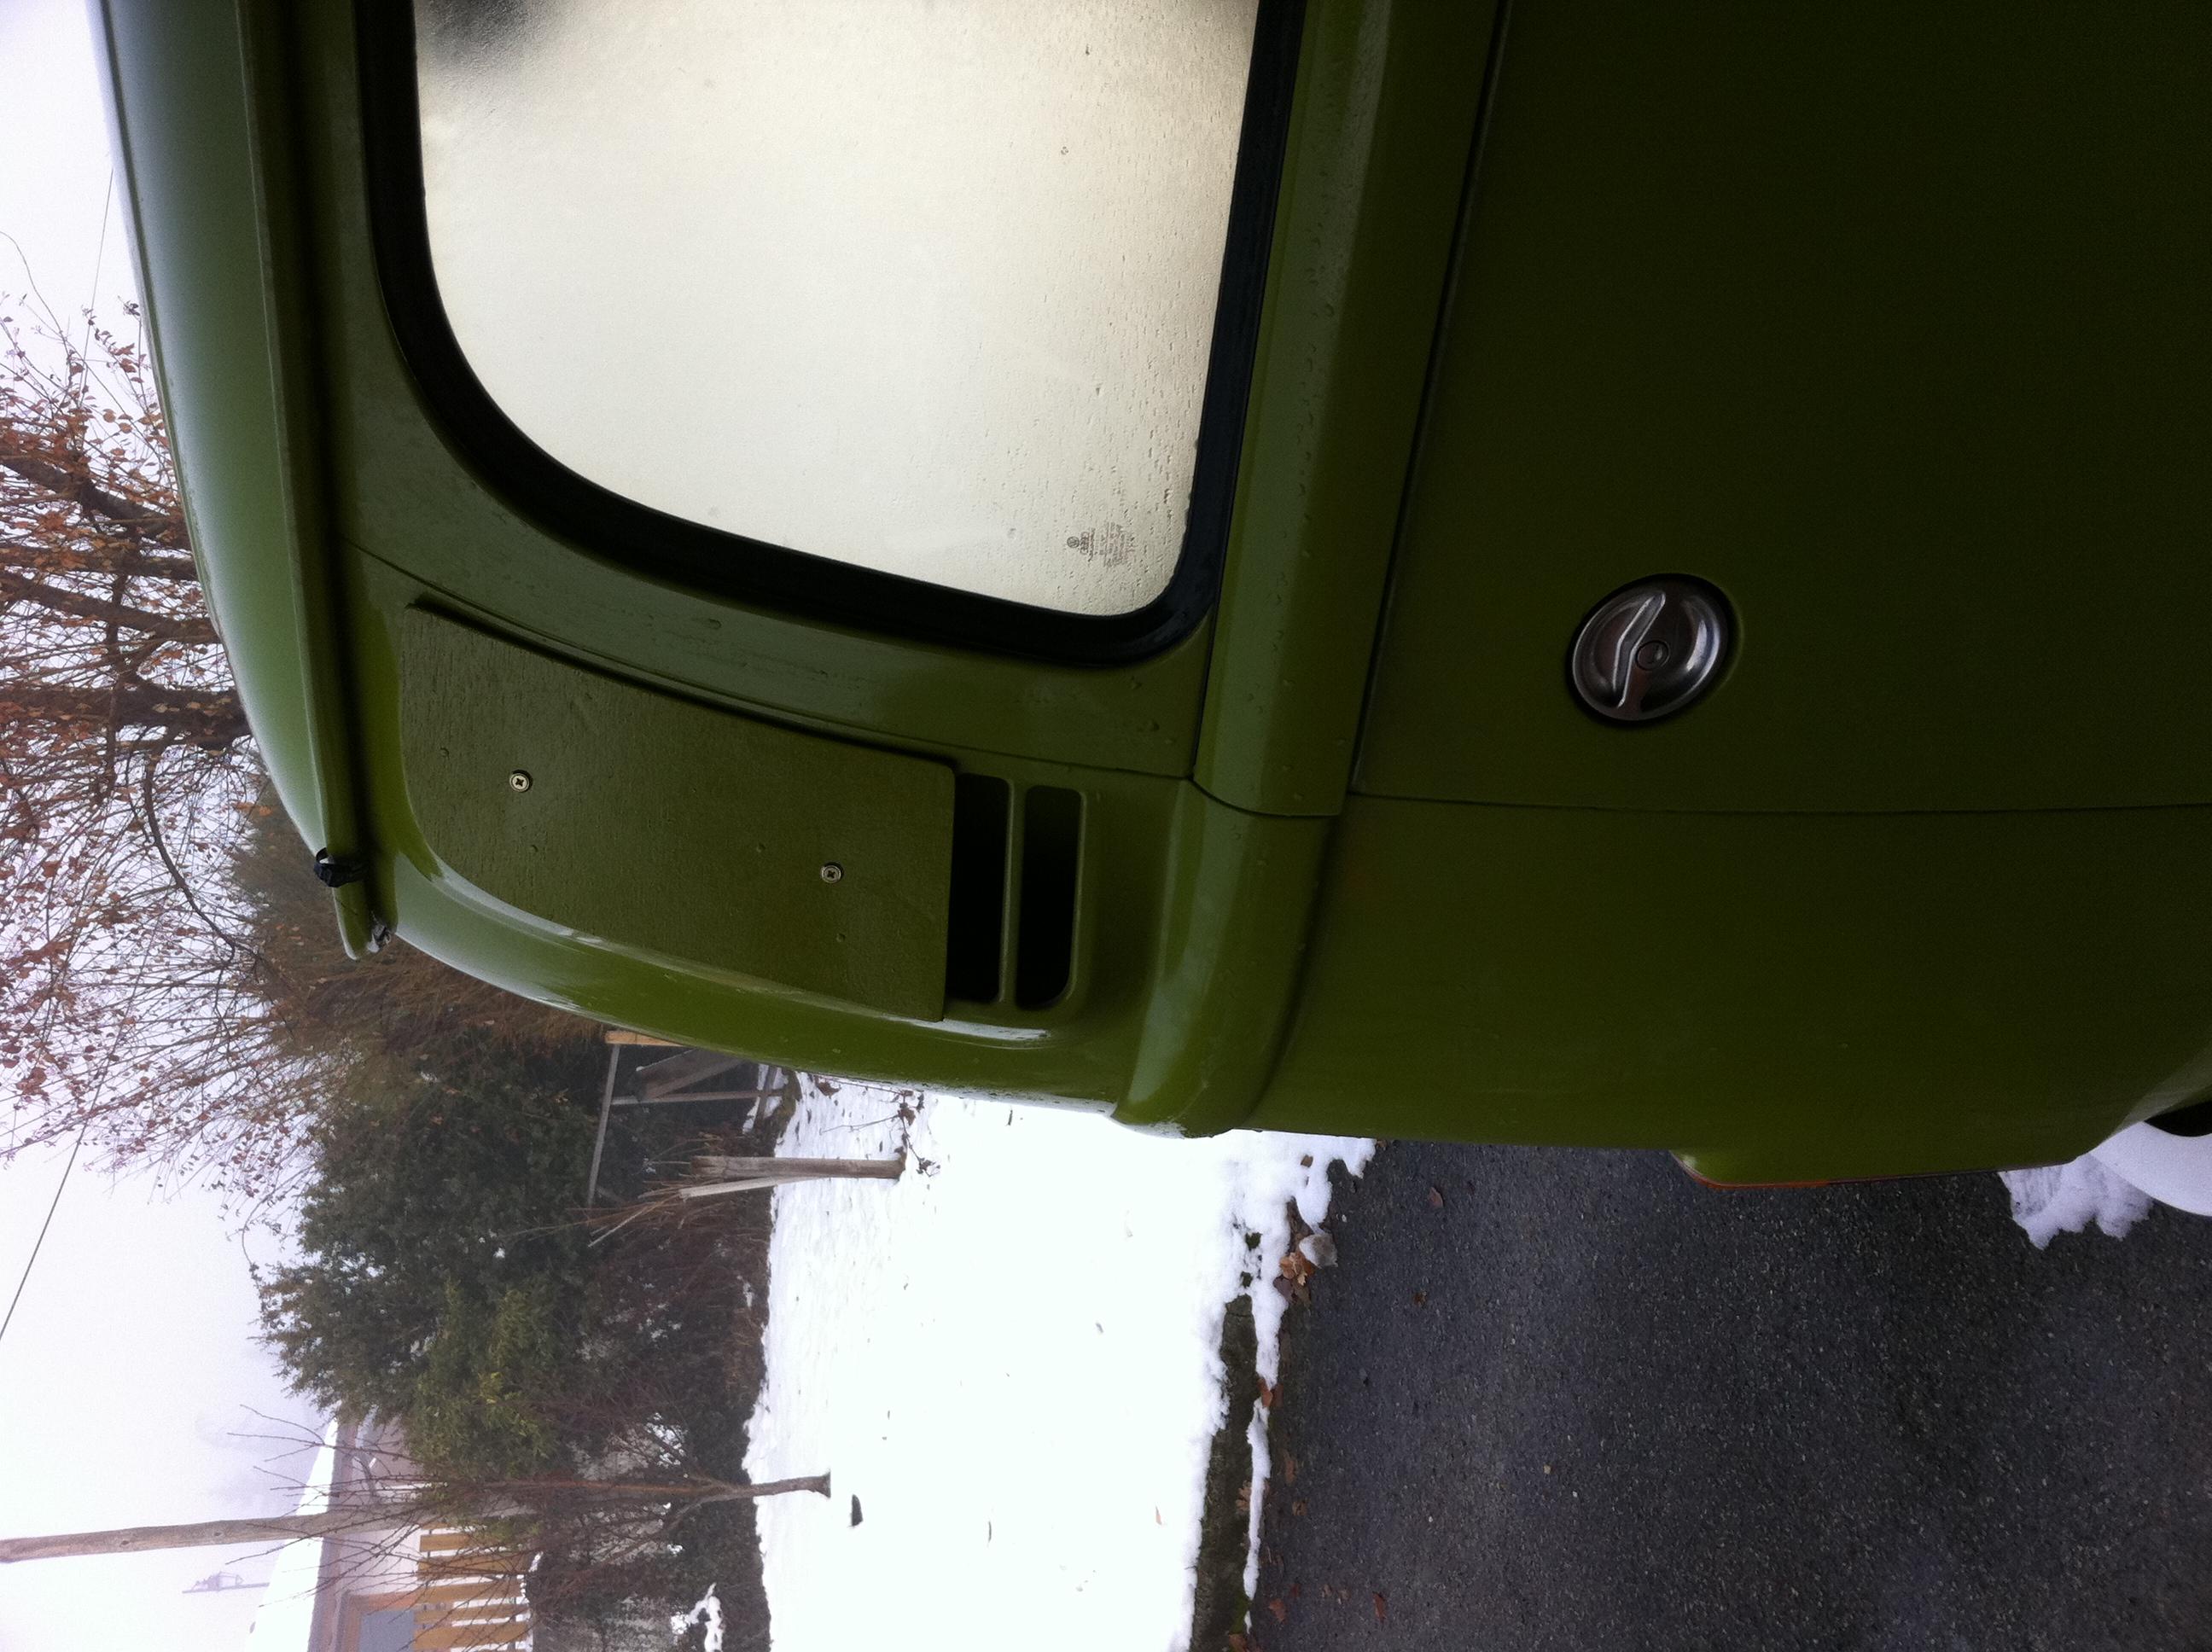 Nouveau probleme: ma voiture s'engorge et broute - Page 5 Caches2